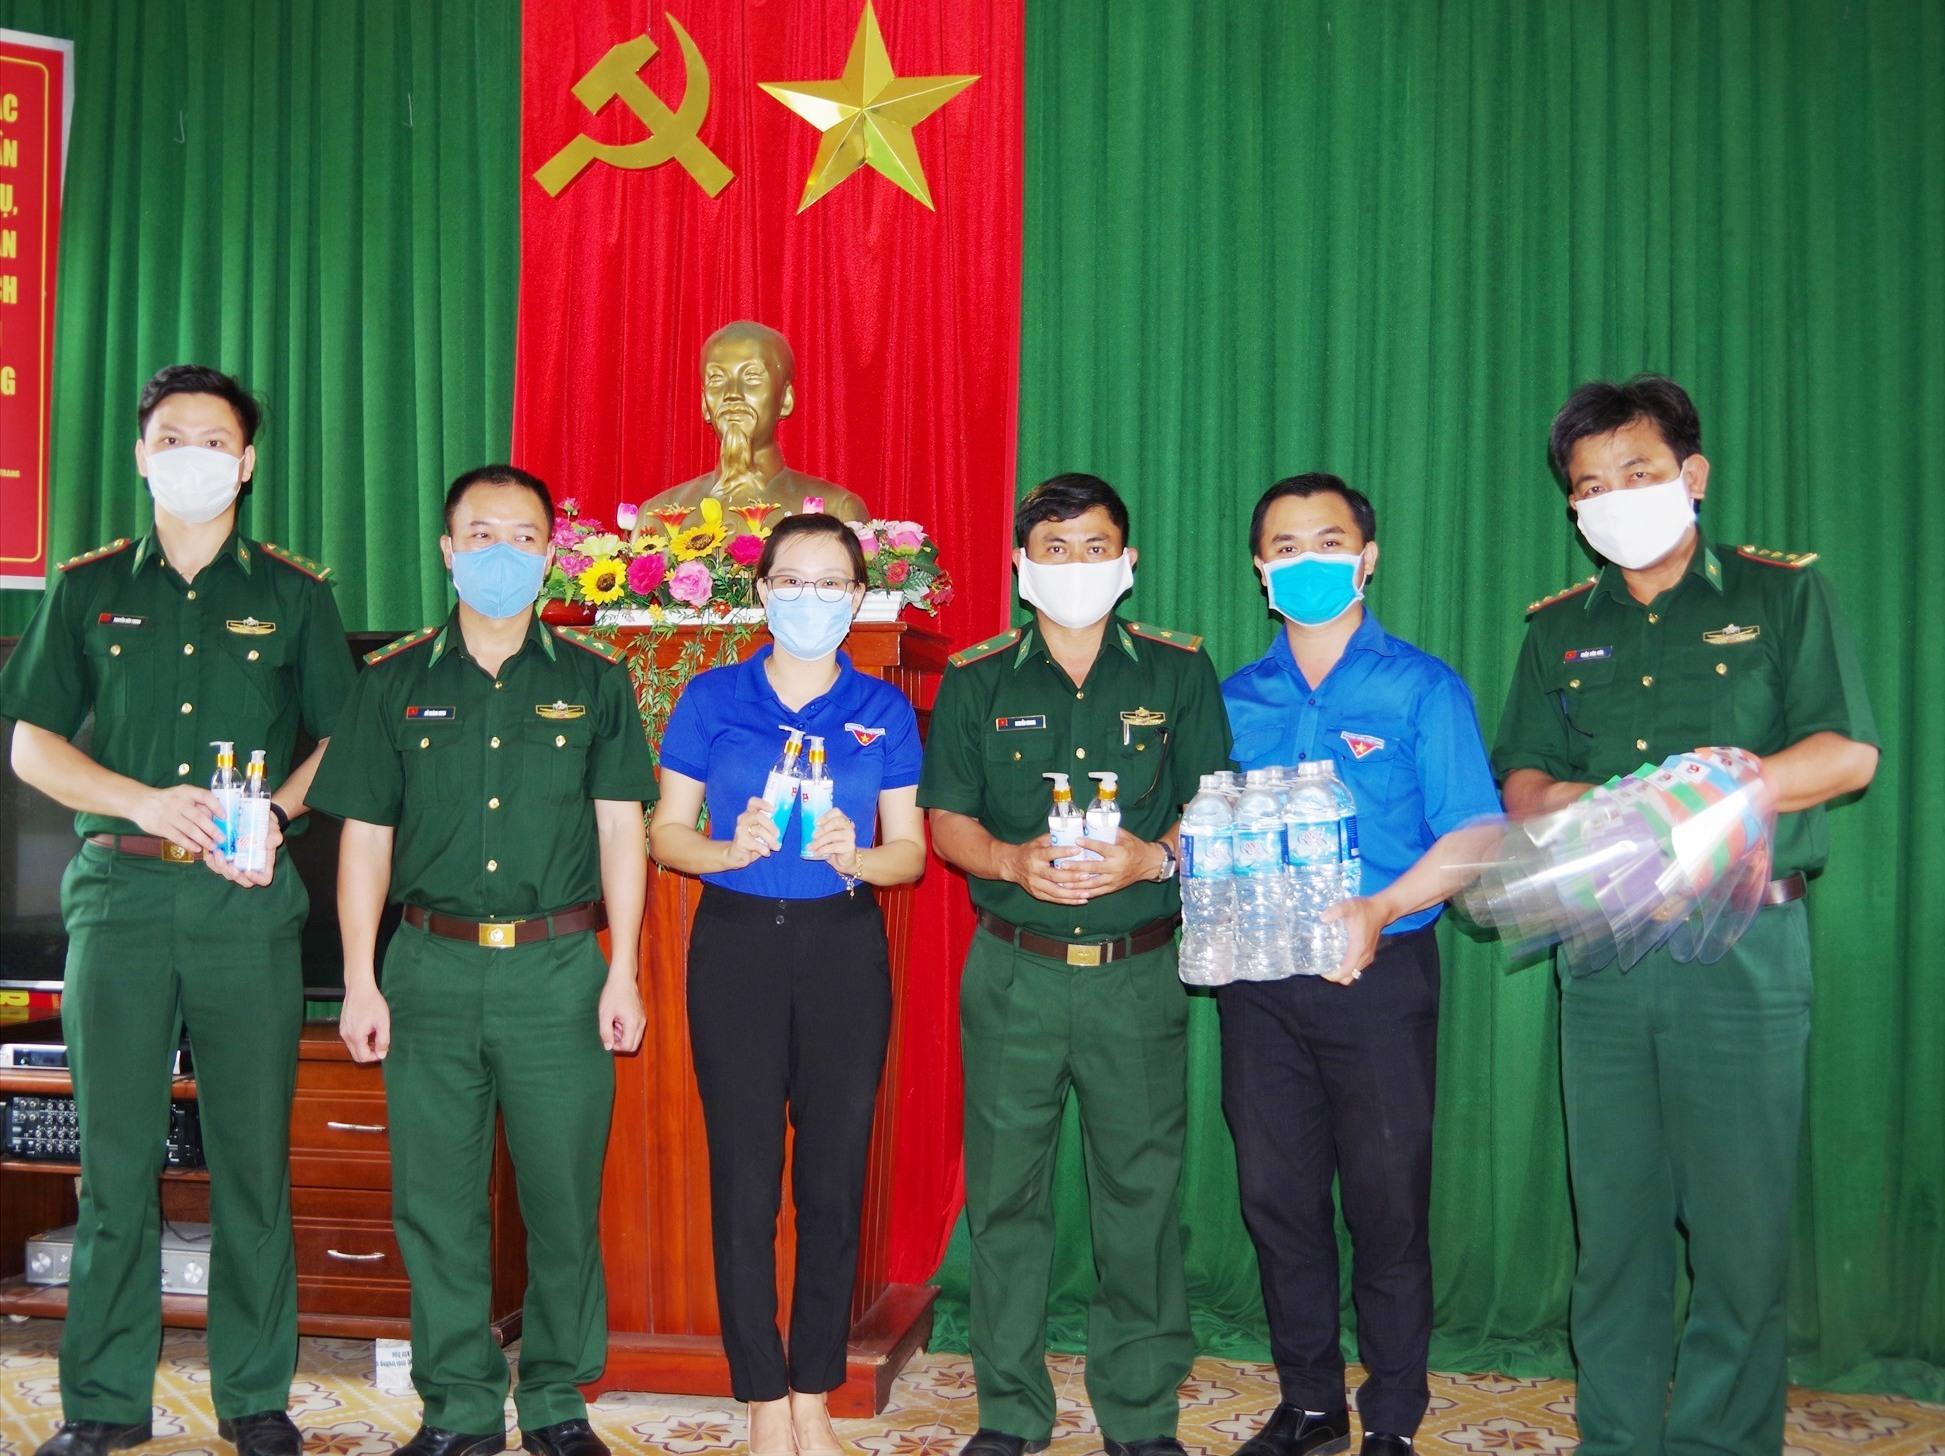 Đoàn công tác tặng vật dụng phòng chống dịch cho cán bộ, chiến sĩ Đồn Biên phòng Cửa Đại. Ảnh: HỒNG ANH